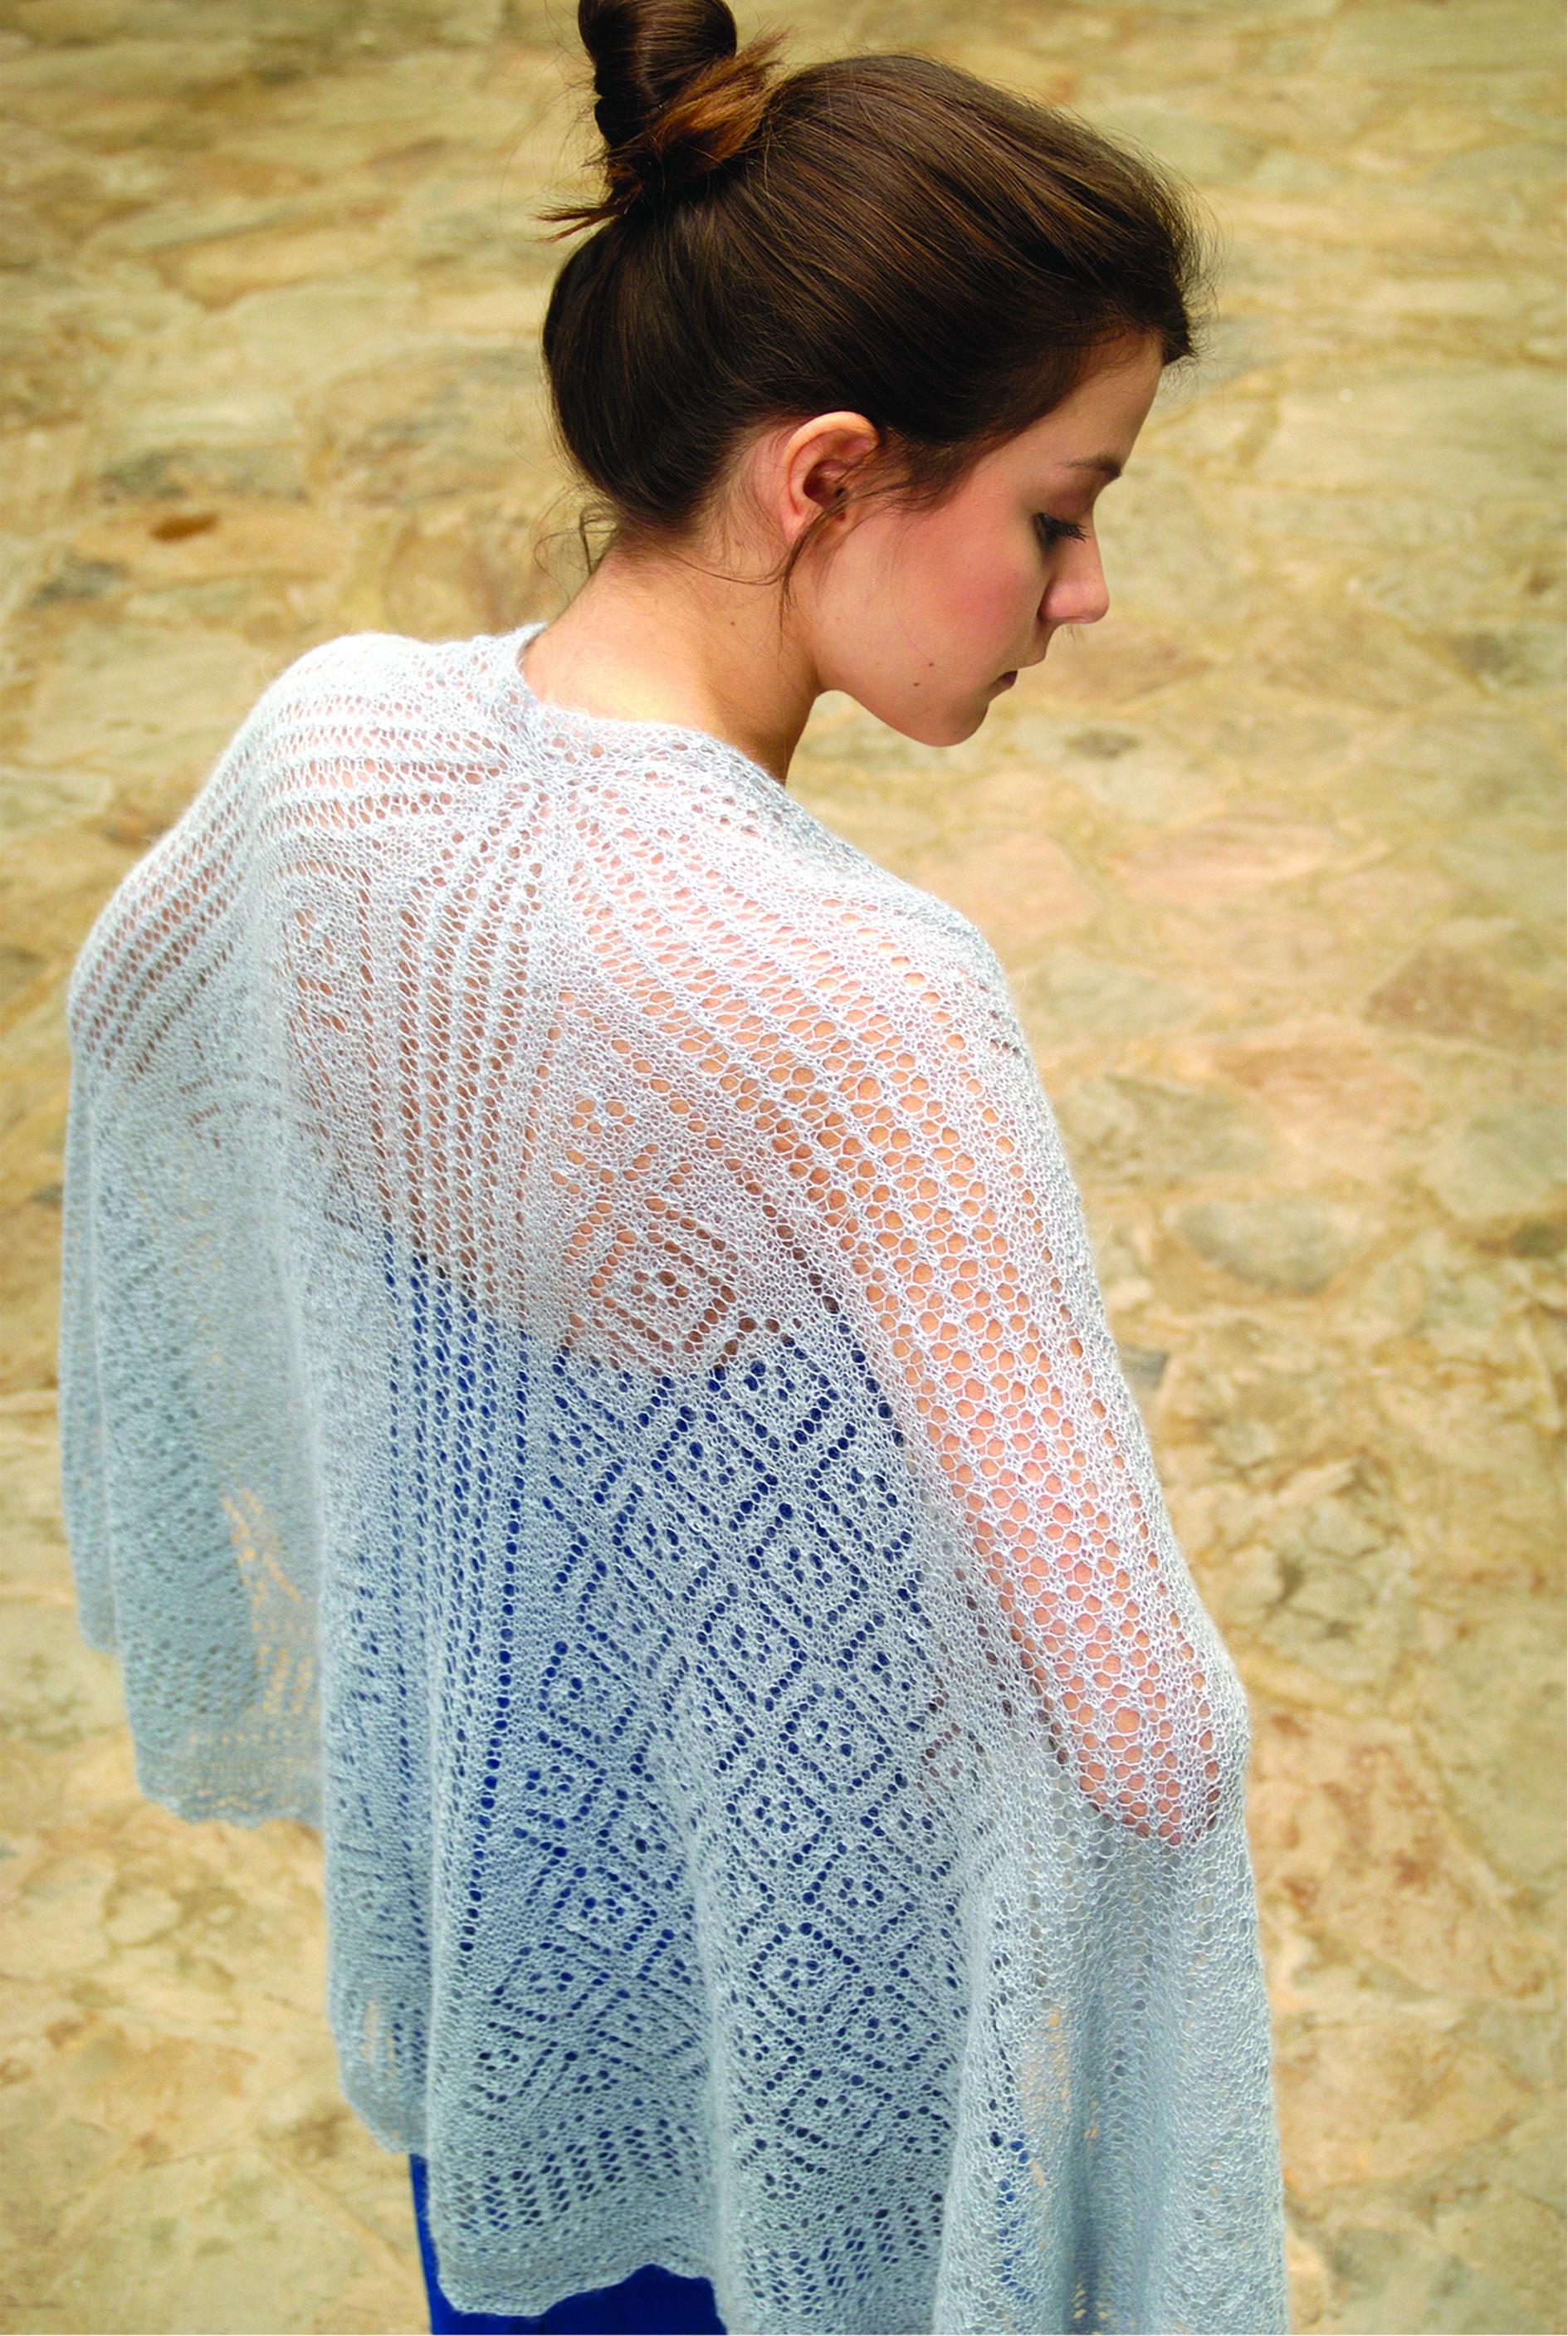 Unicorn shawl girl.jpg